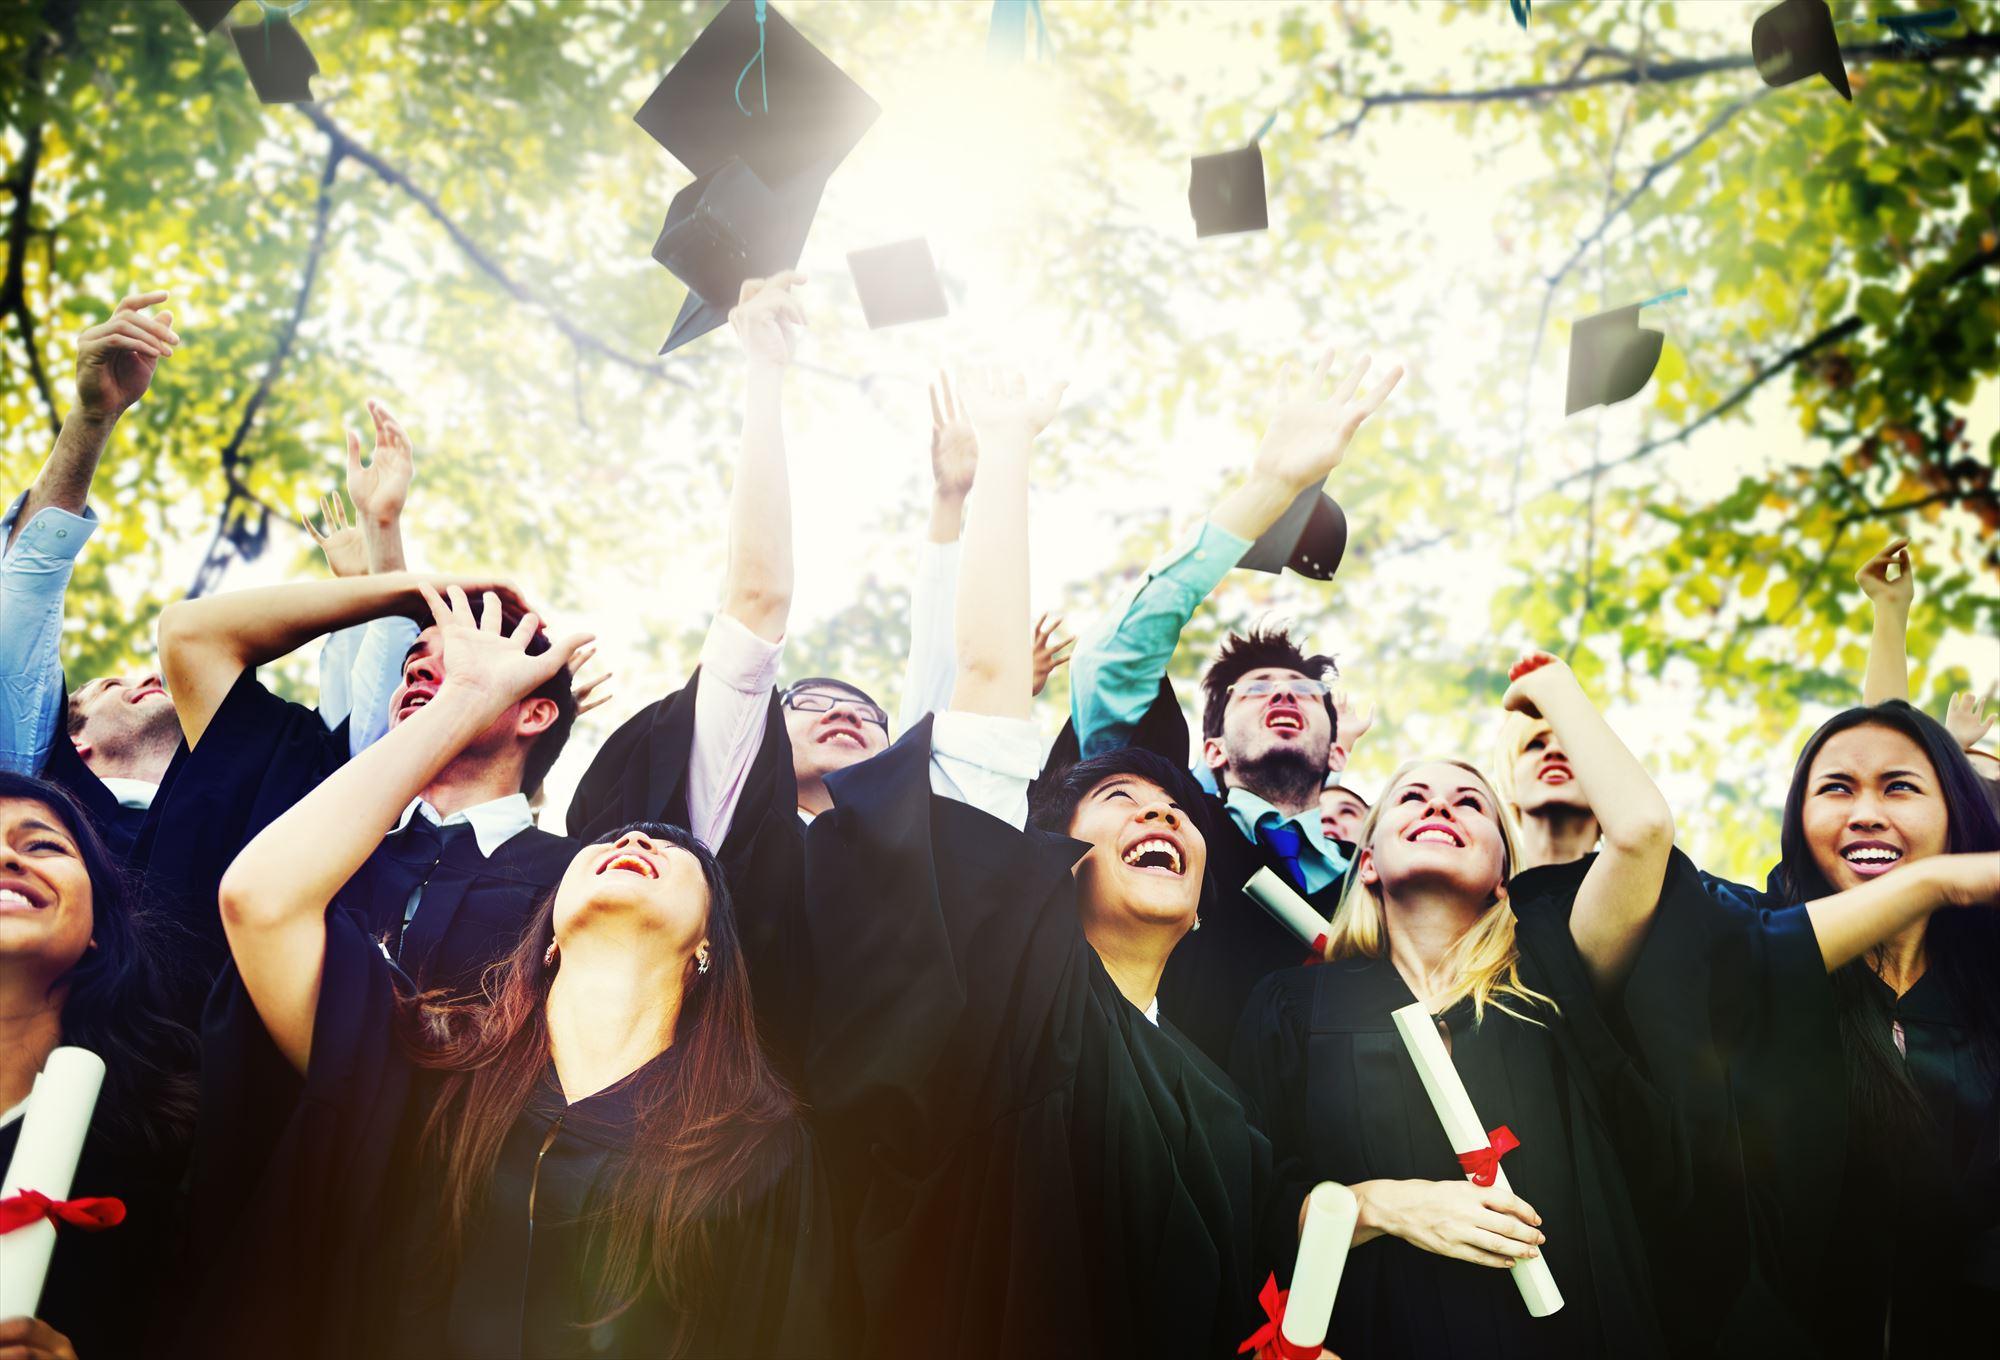 コーク留学のメリット⑤教育水準が高い